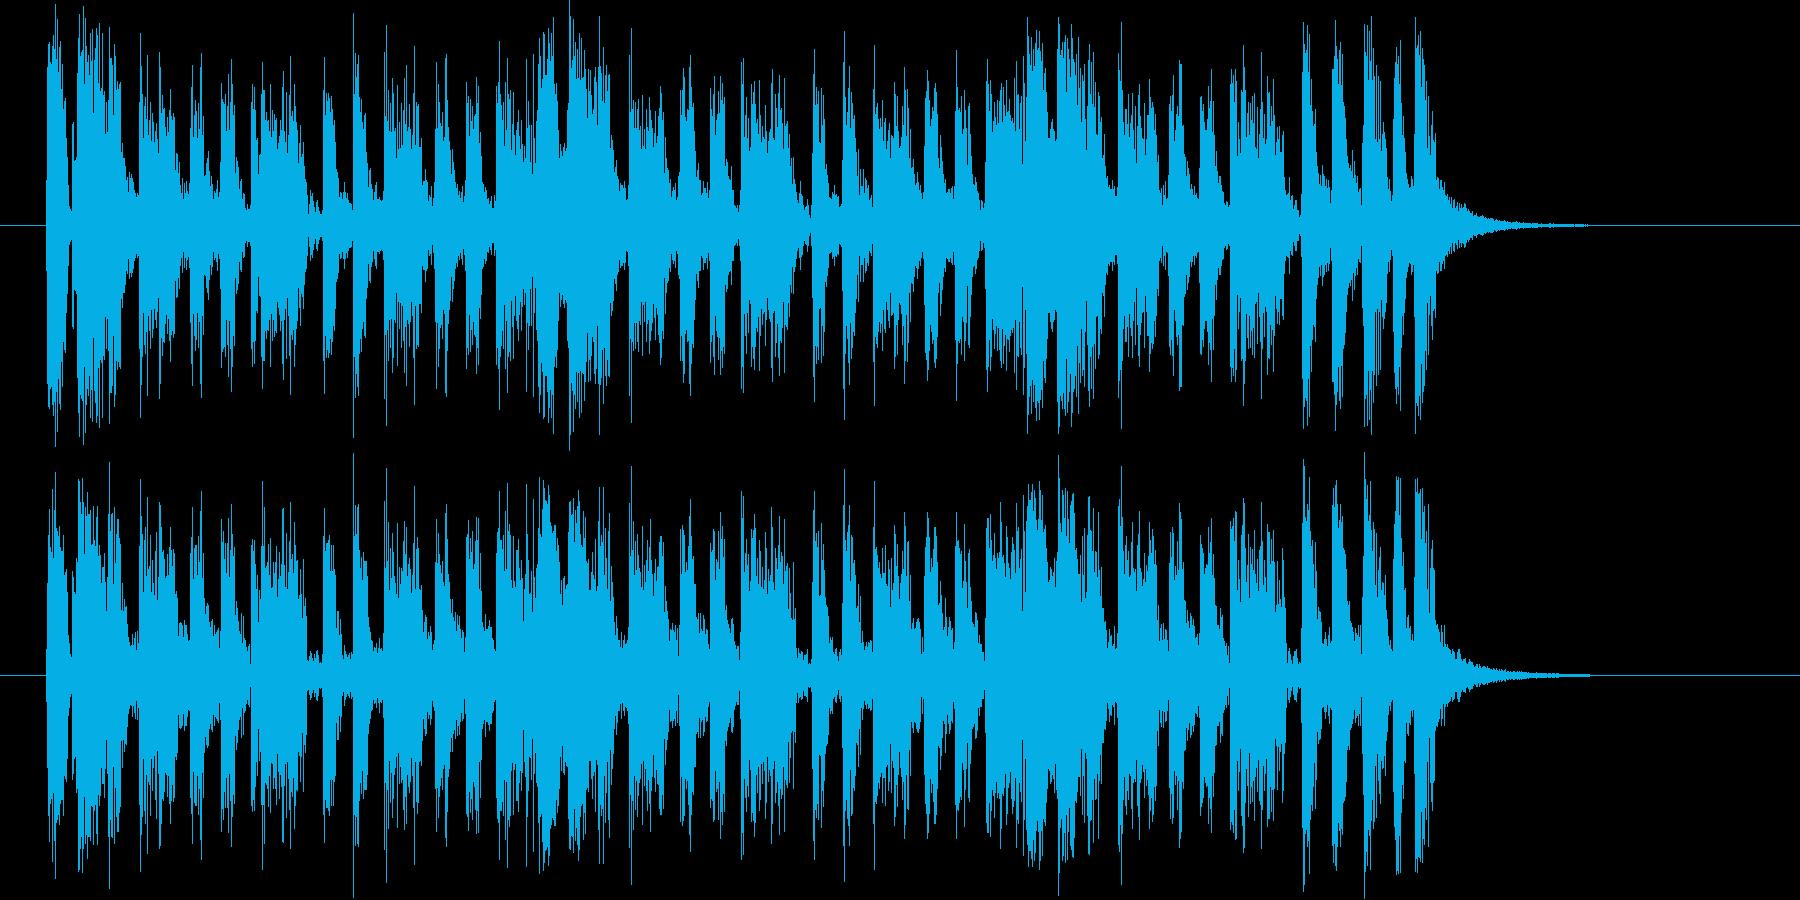 軽快なピアノが特徴のロックなジングルの再生済みの波形